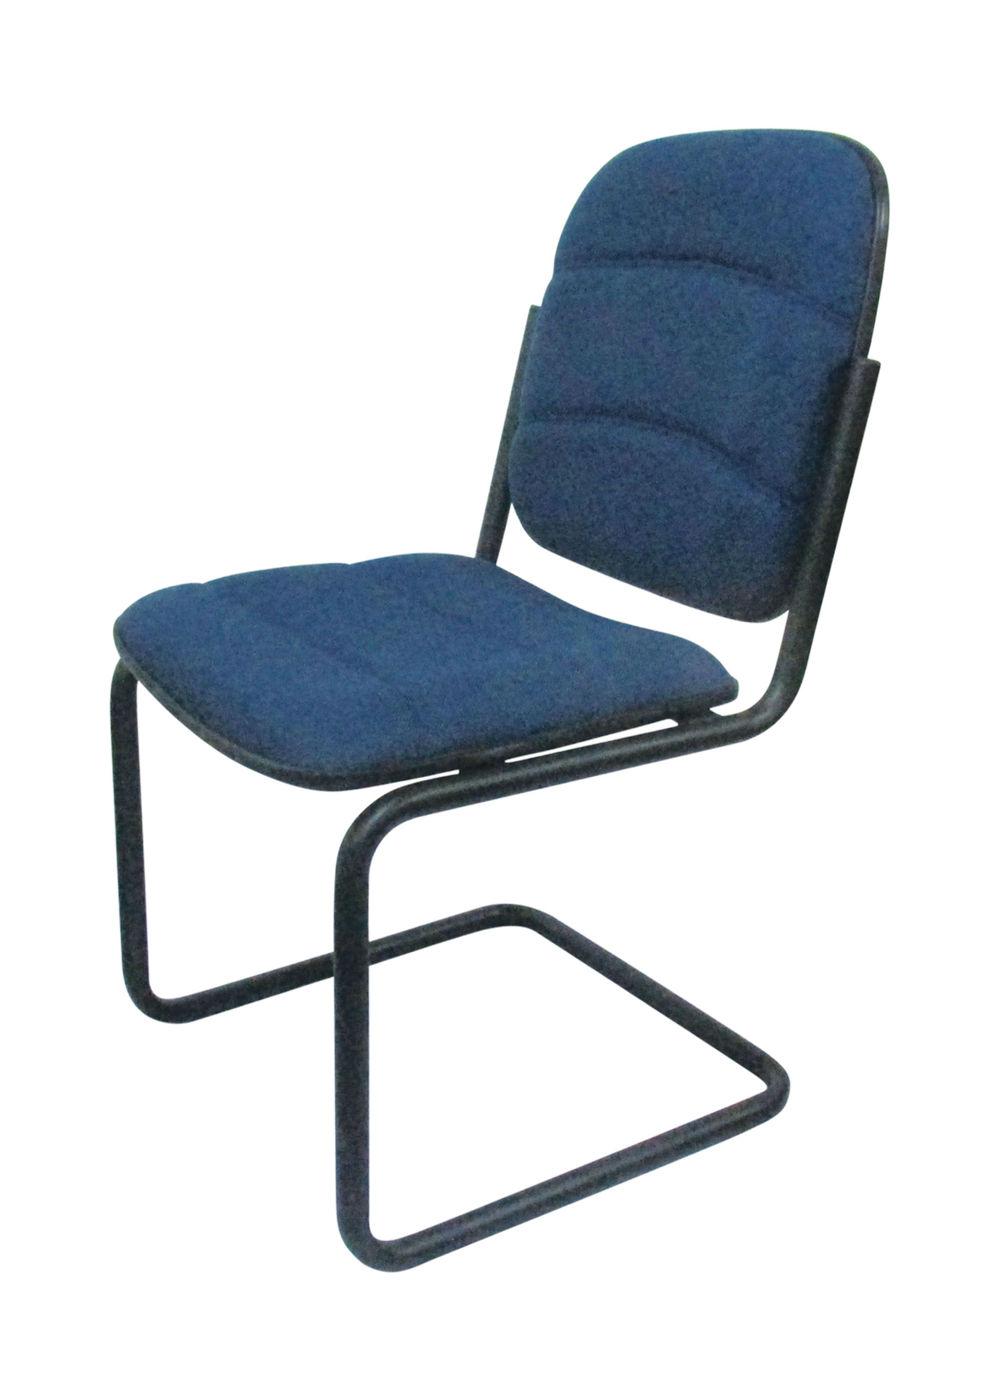 Dòng ghế phòng họp giá rẻ Themia